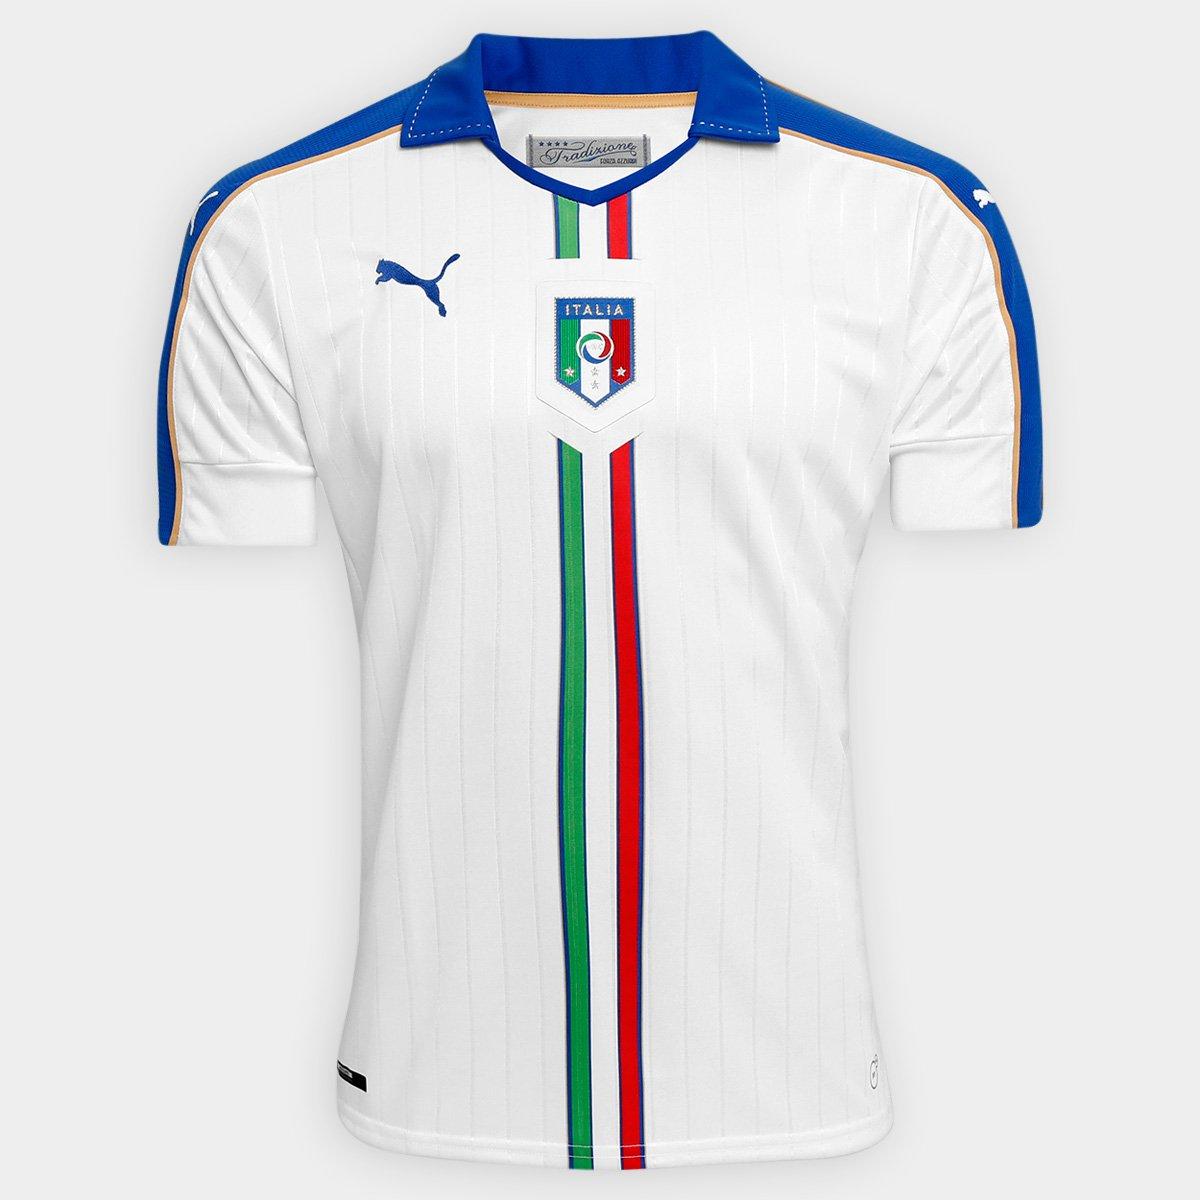 Camisa Seleção Itália Away 15 16 s nº - Torcedor Puma Masculino - Compre  Agora  58db06ae52659